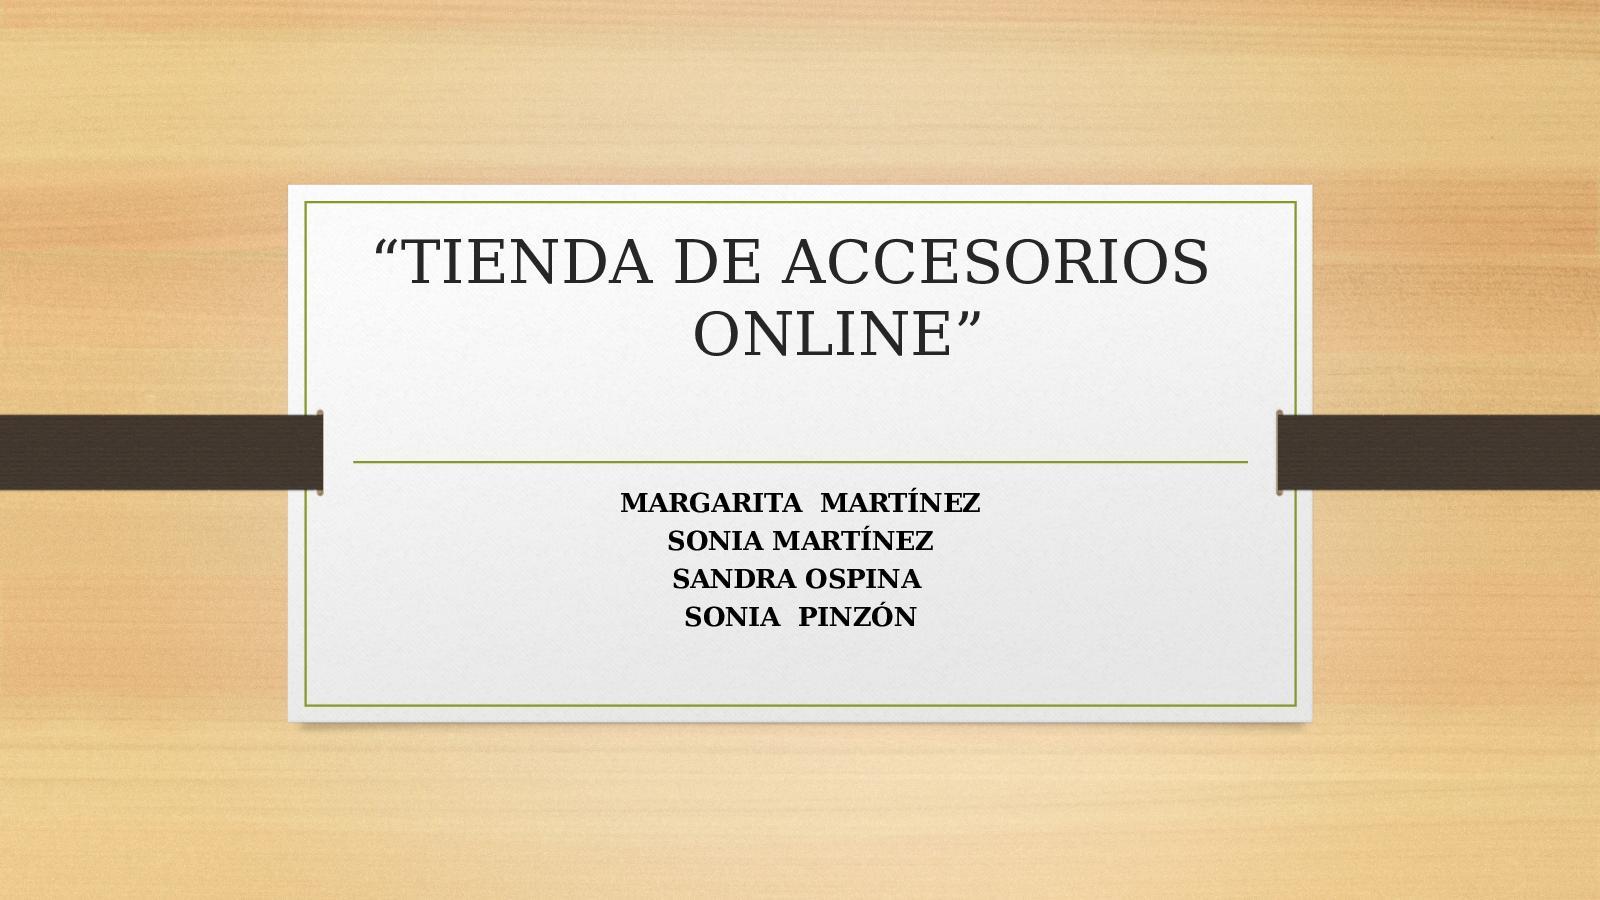 Tienda De Accesorios Online